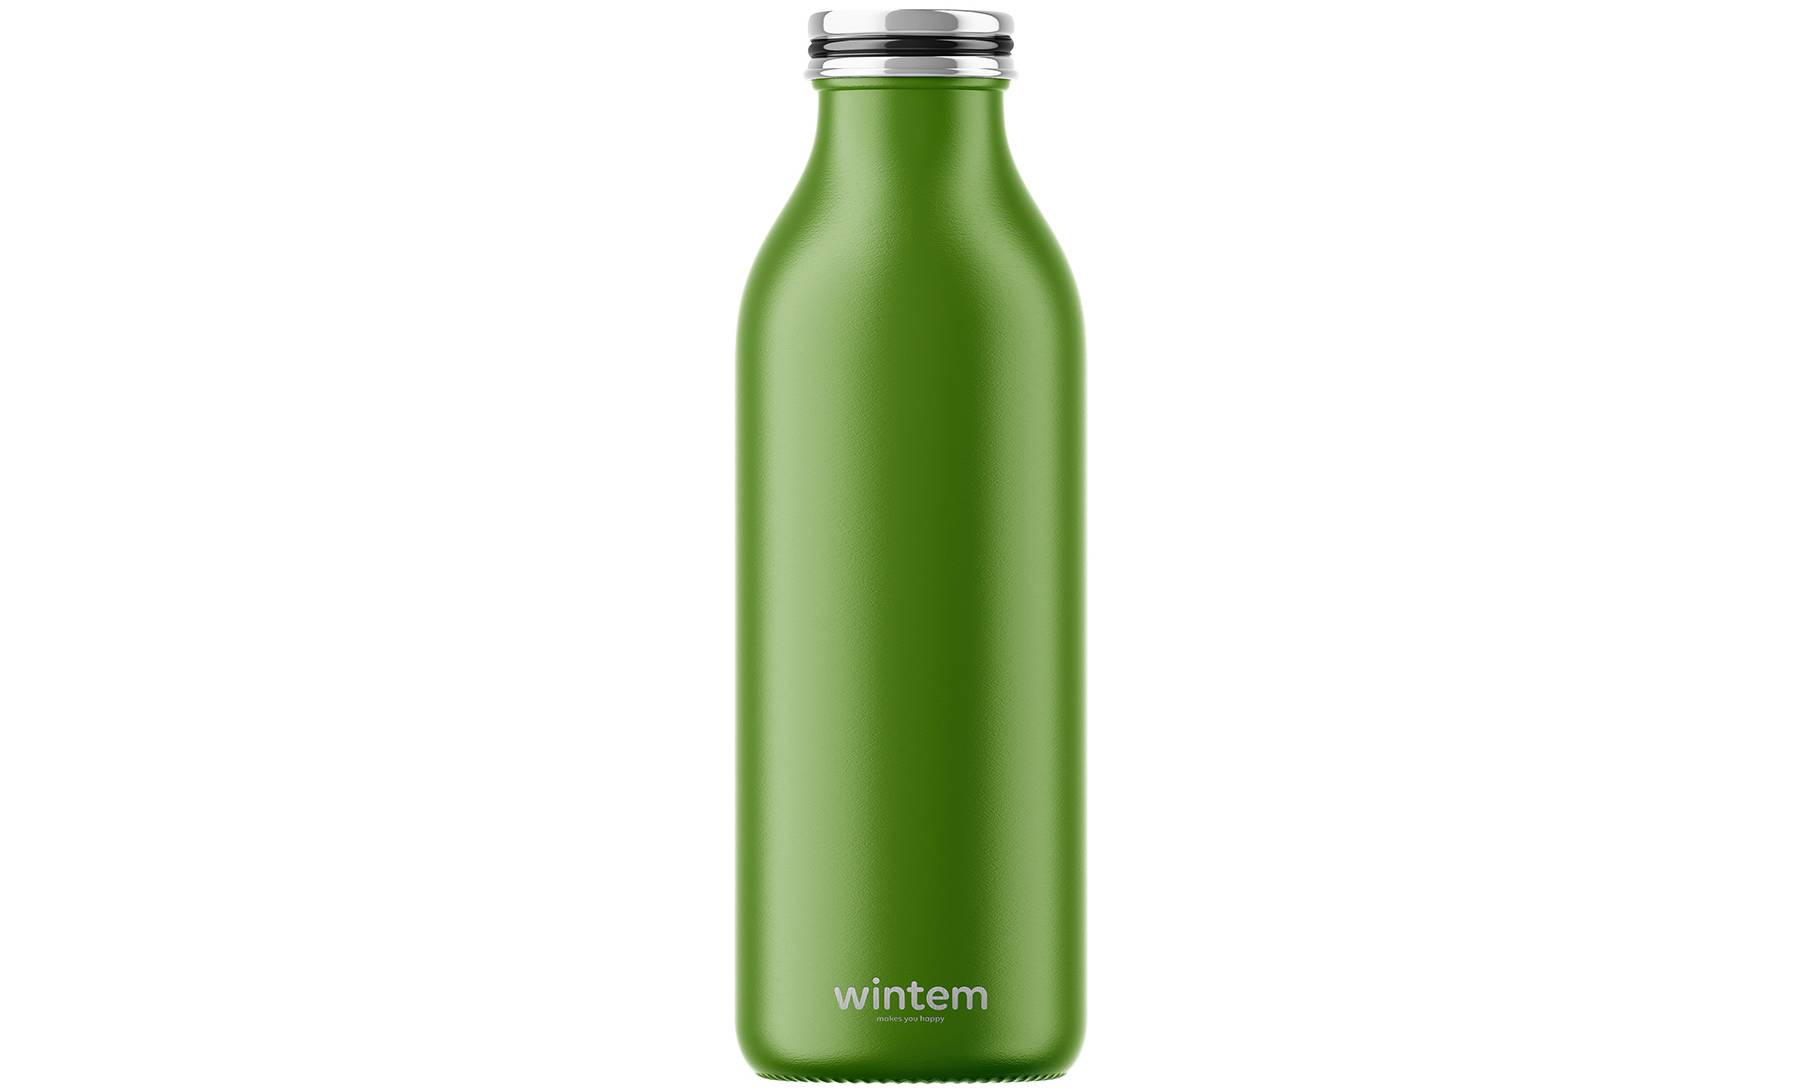 Wintem Bouteille isotherme de voyage en inox : vert